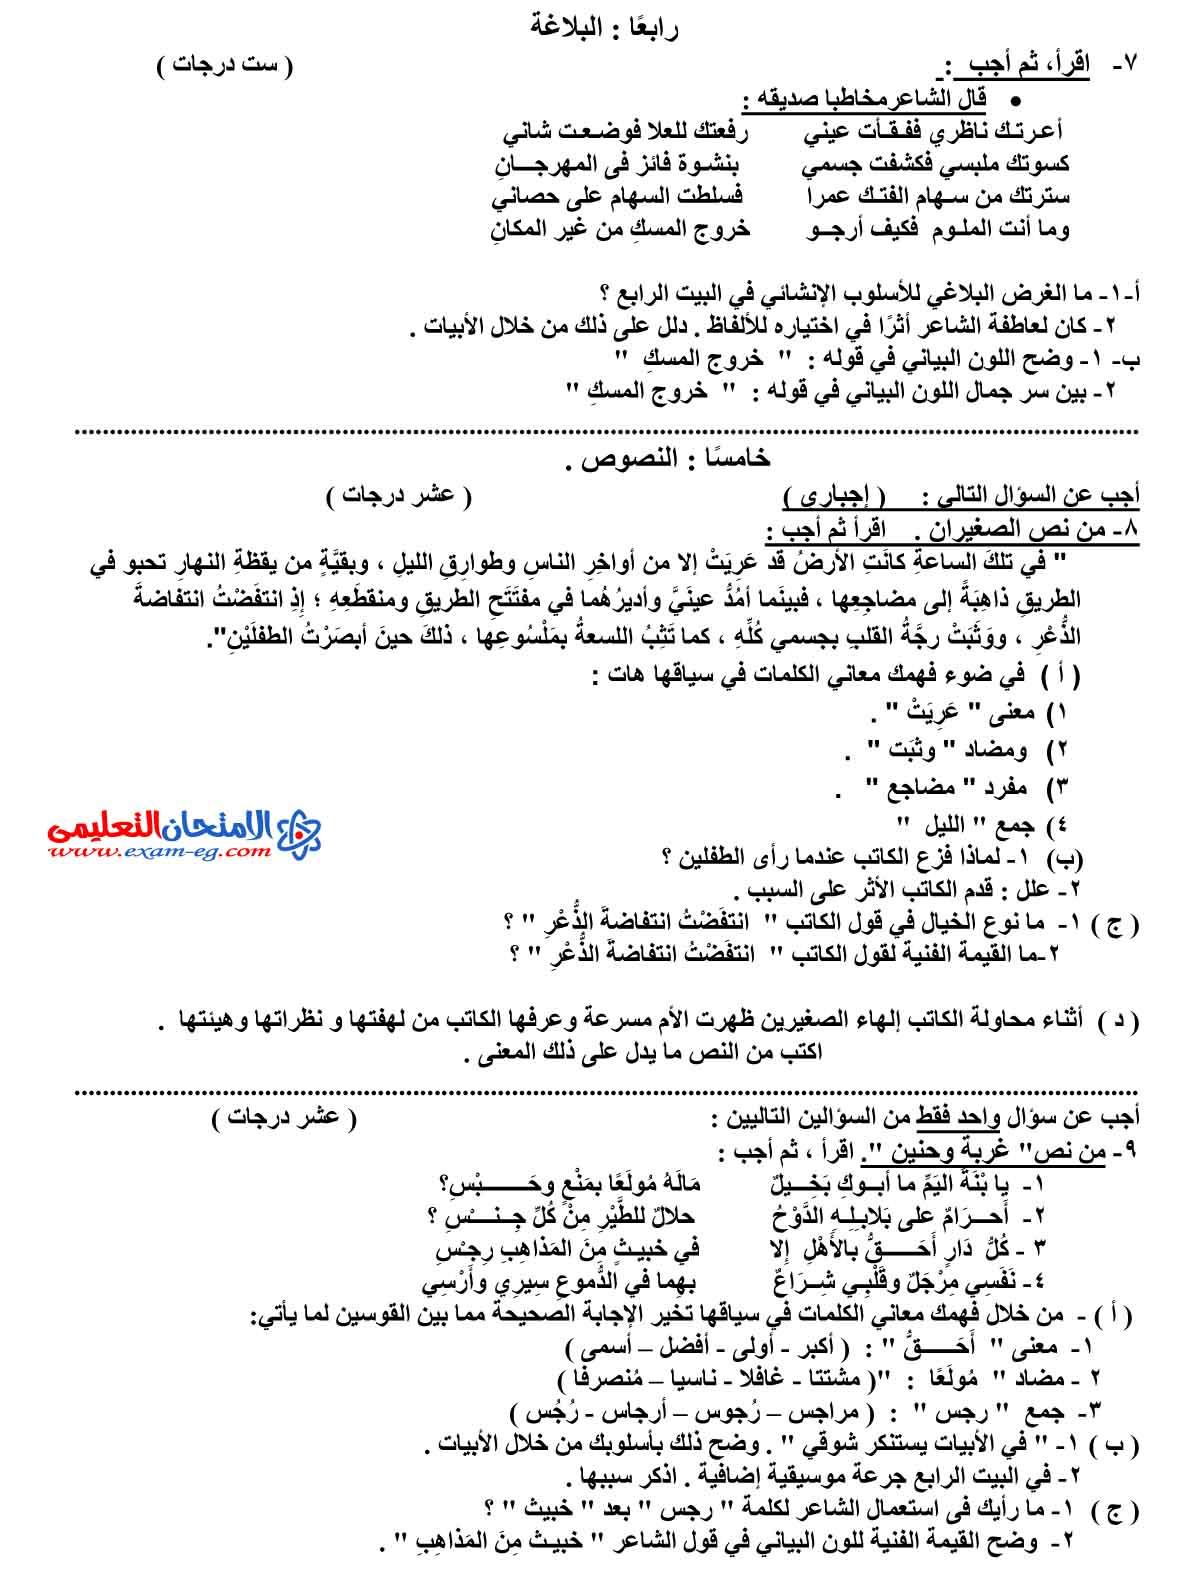 امتحان اللغة العربية 2 - مدرسة اون لاين (3)